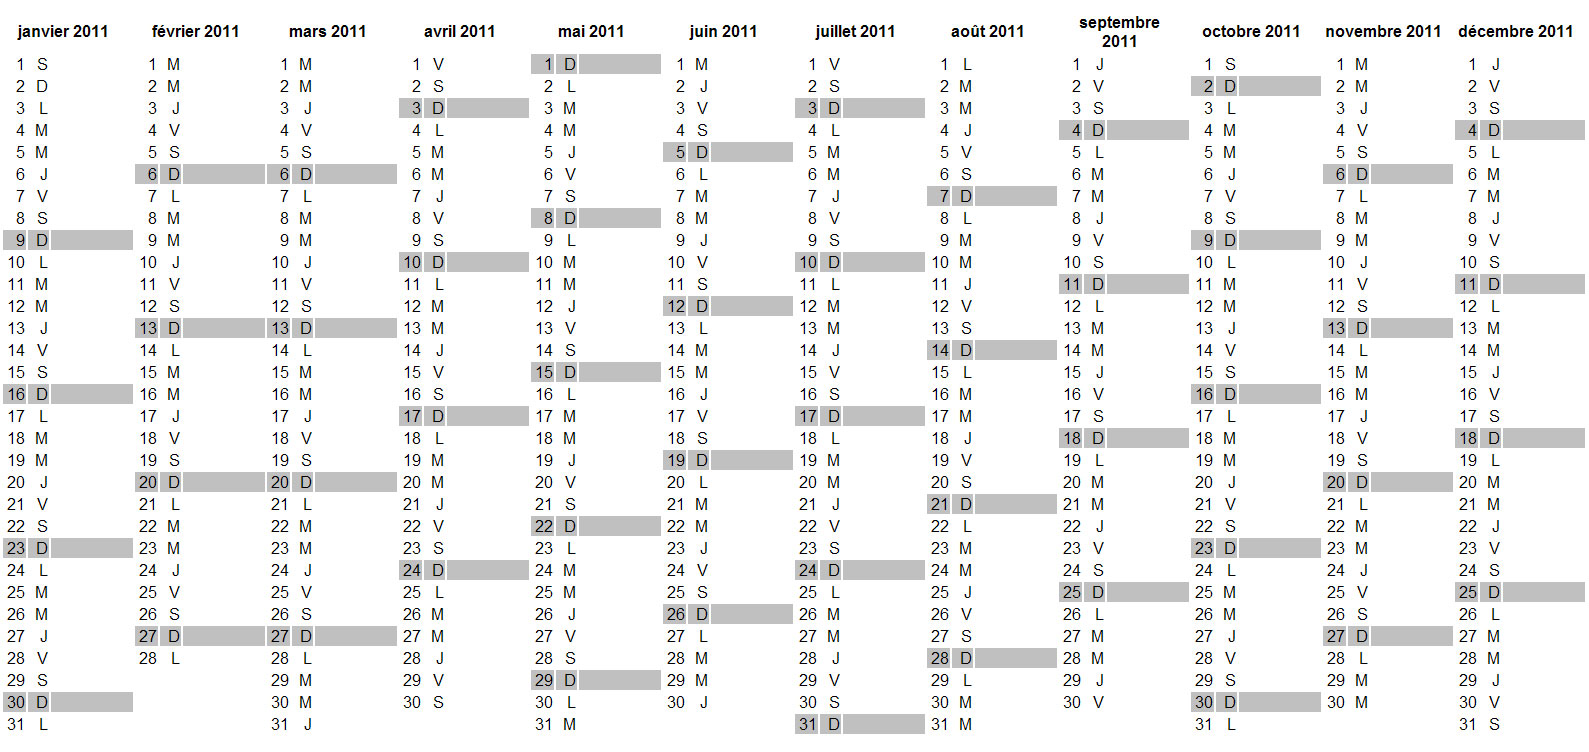 Calendrier Format Excel.Calendrier 2011 A Imprimer Gratuit Au Format Excel Pdf Jpg